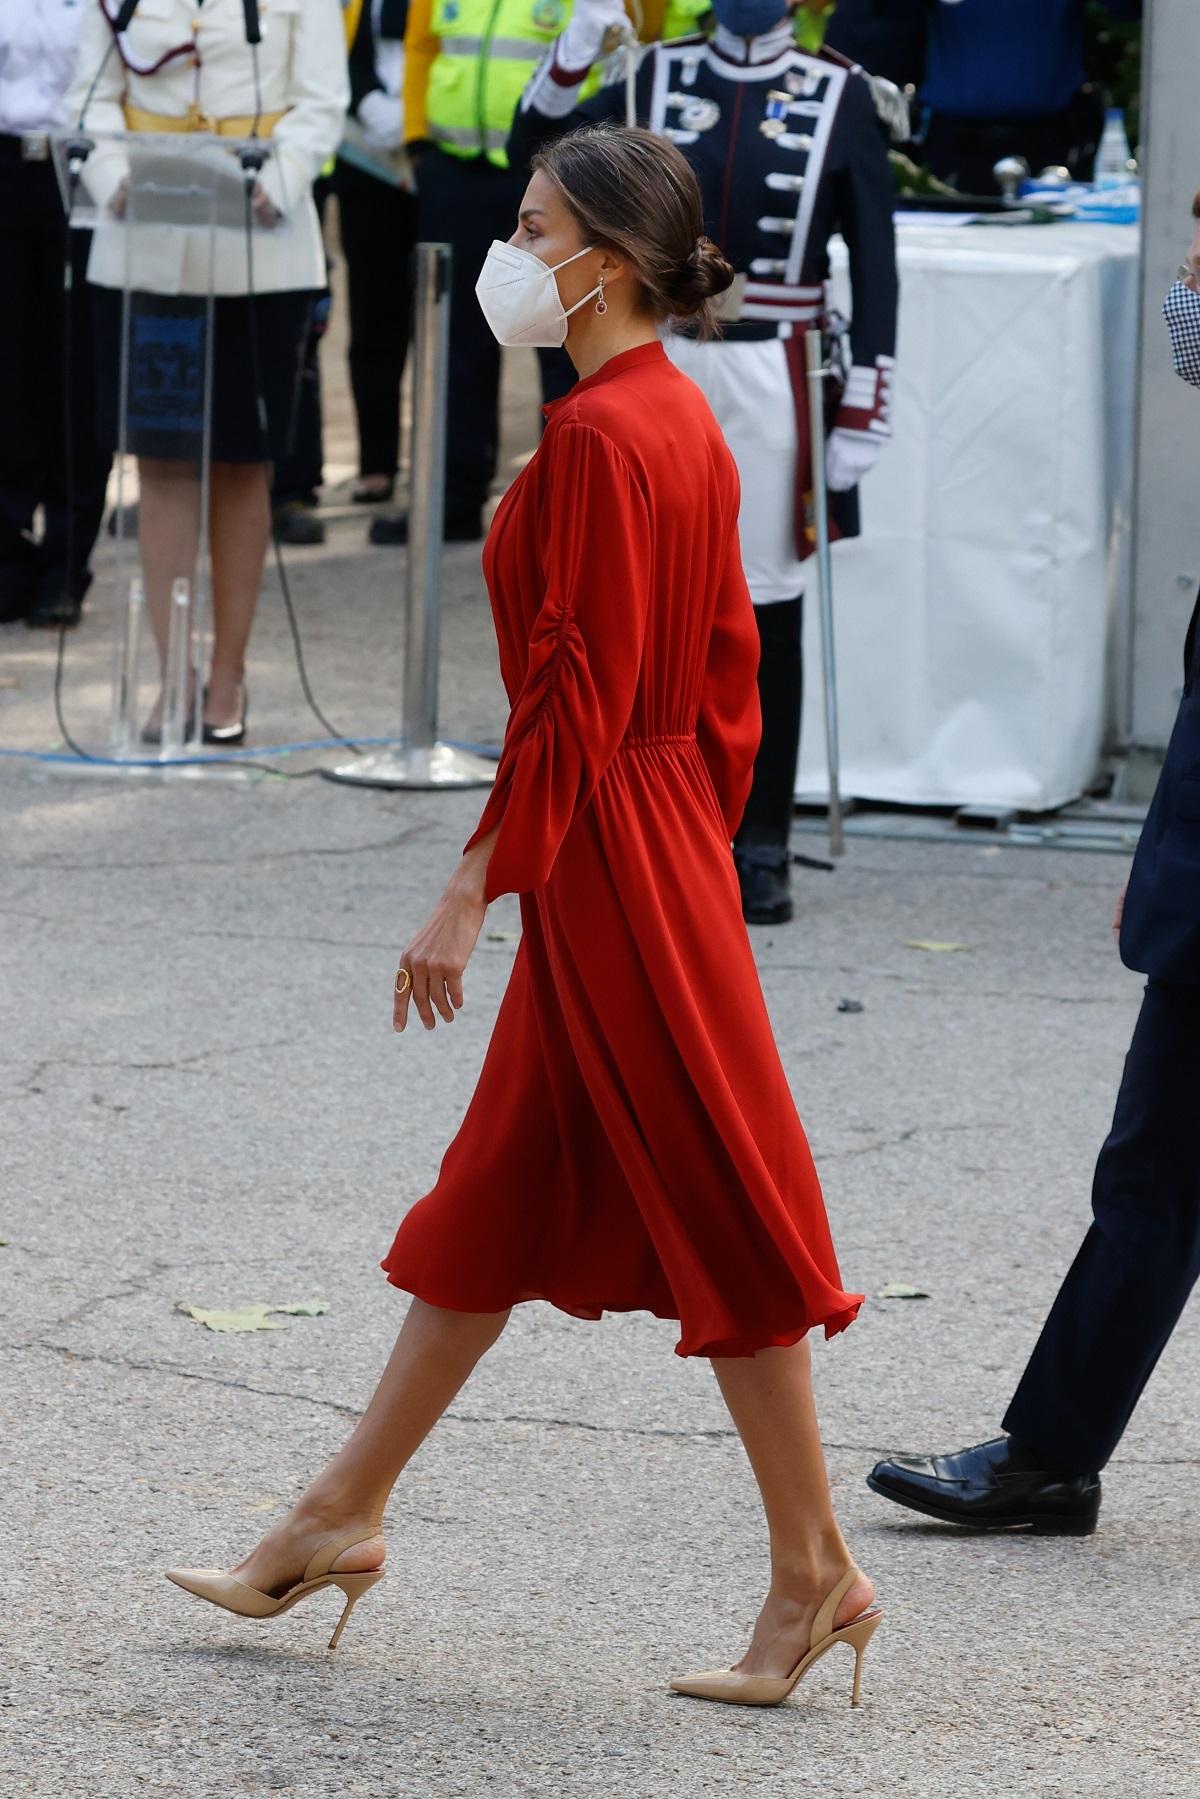 El vestido impecable firmado por Salvatore Ferragamo.